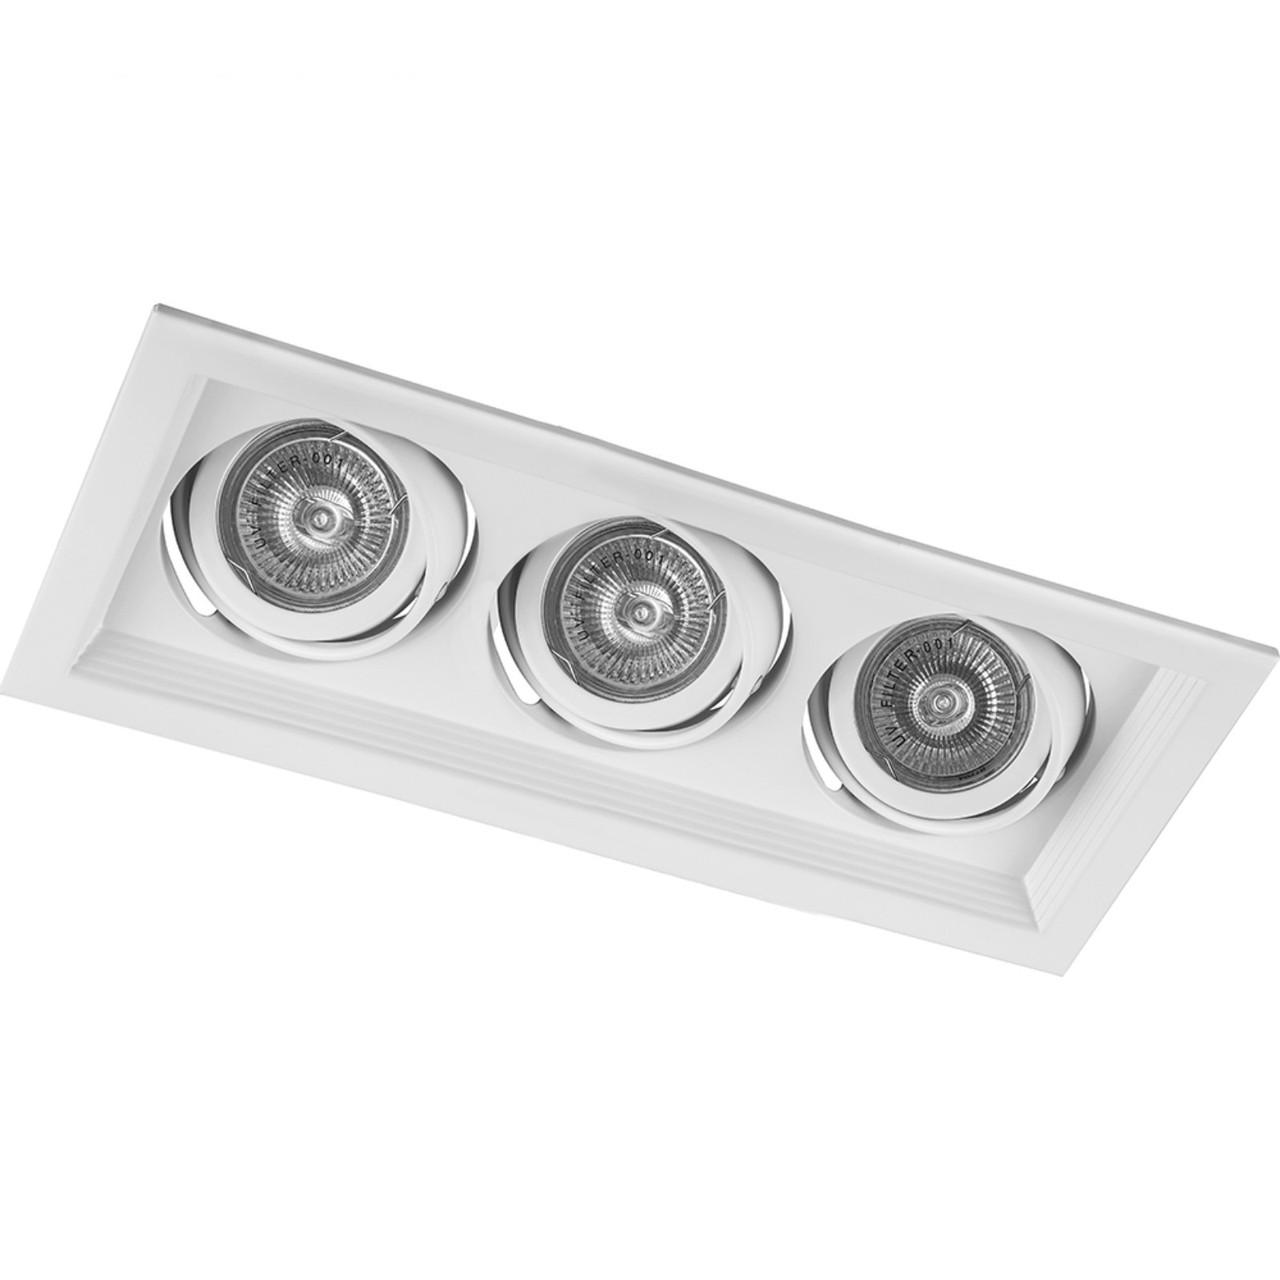 Светильник потолочный встраиваемый 3x50W MR16 G5.3 белый